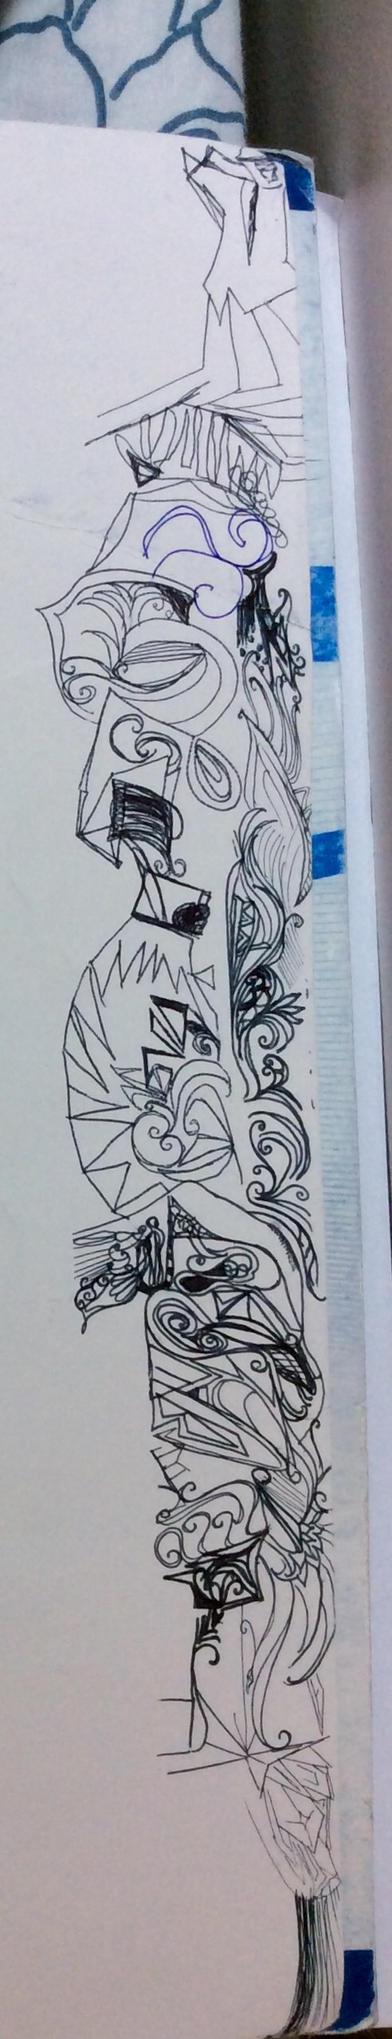 Side Doodles (1) by RaneRane